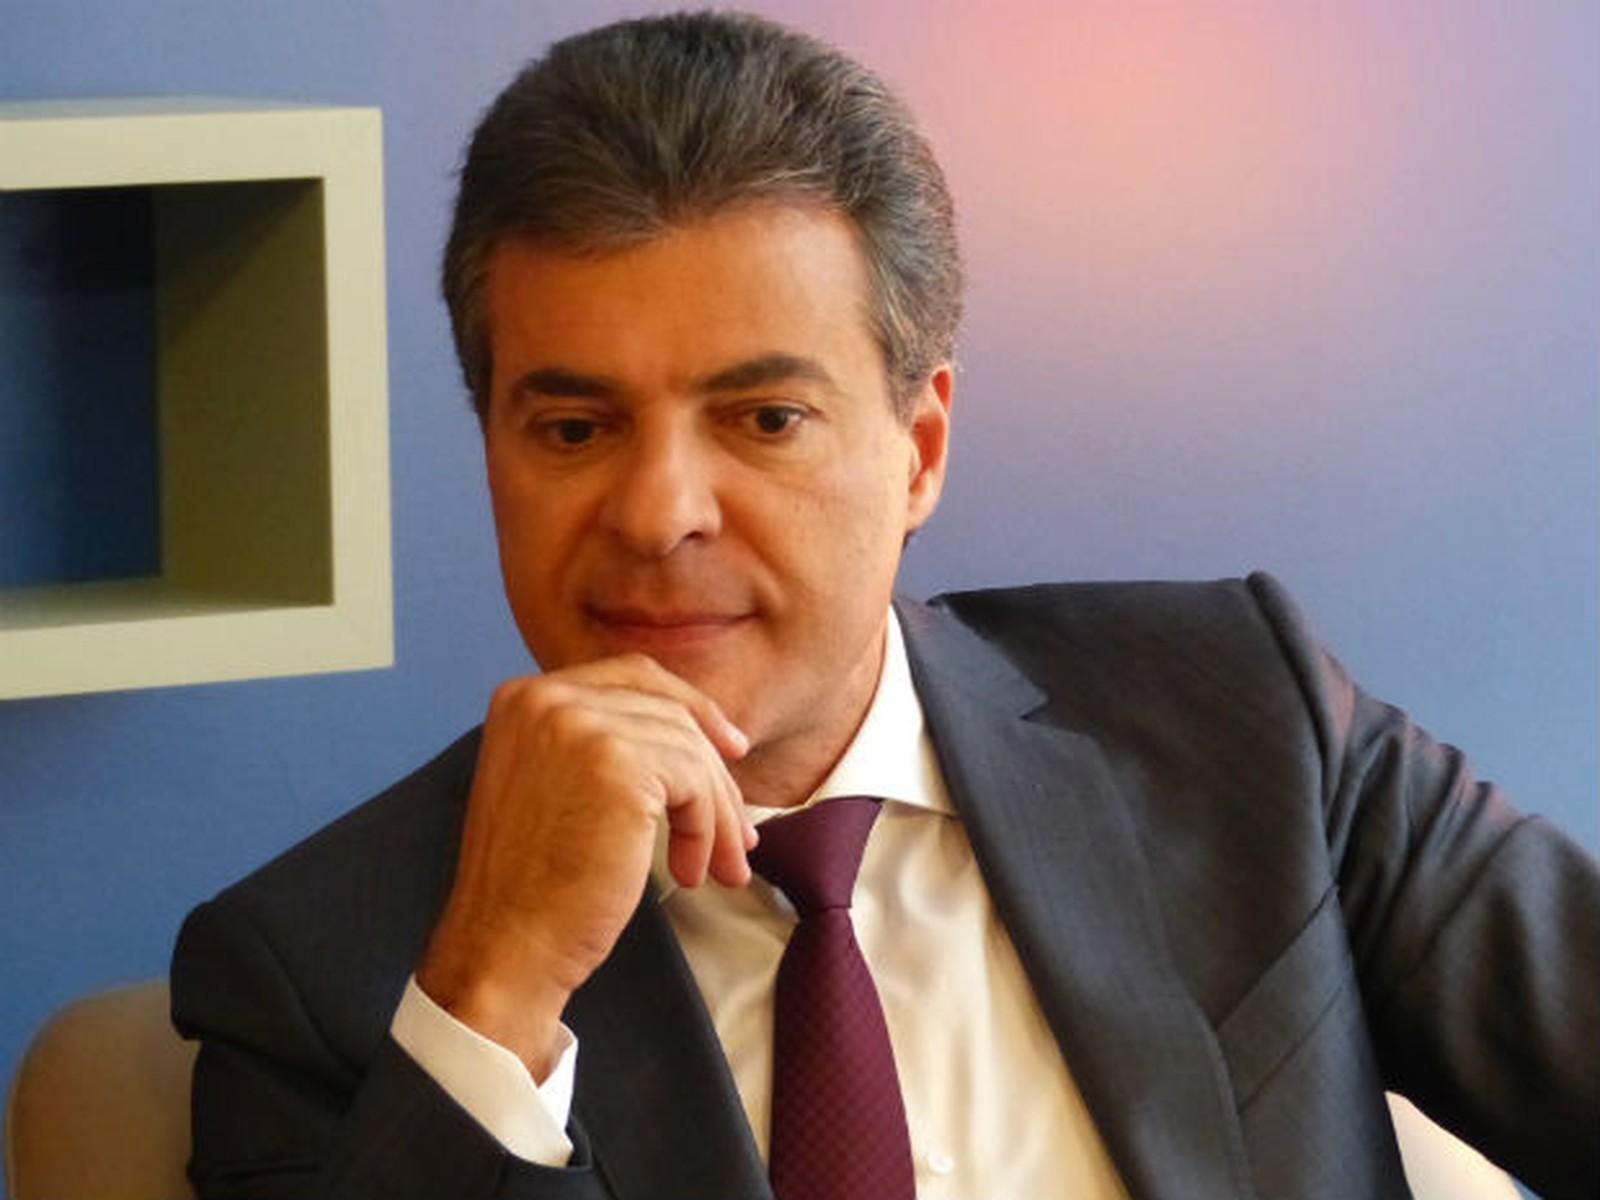 Moro assume investigação enviada pelo STJ e determina abertura de inquérito contra ex-governador Beto Richa